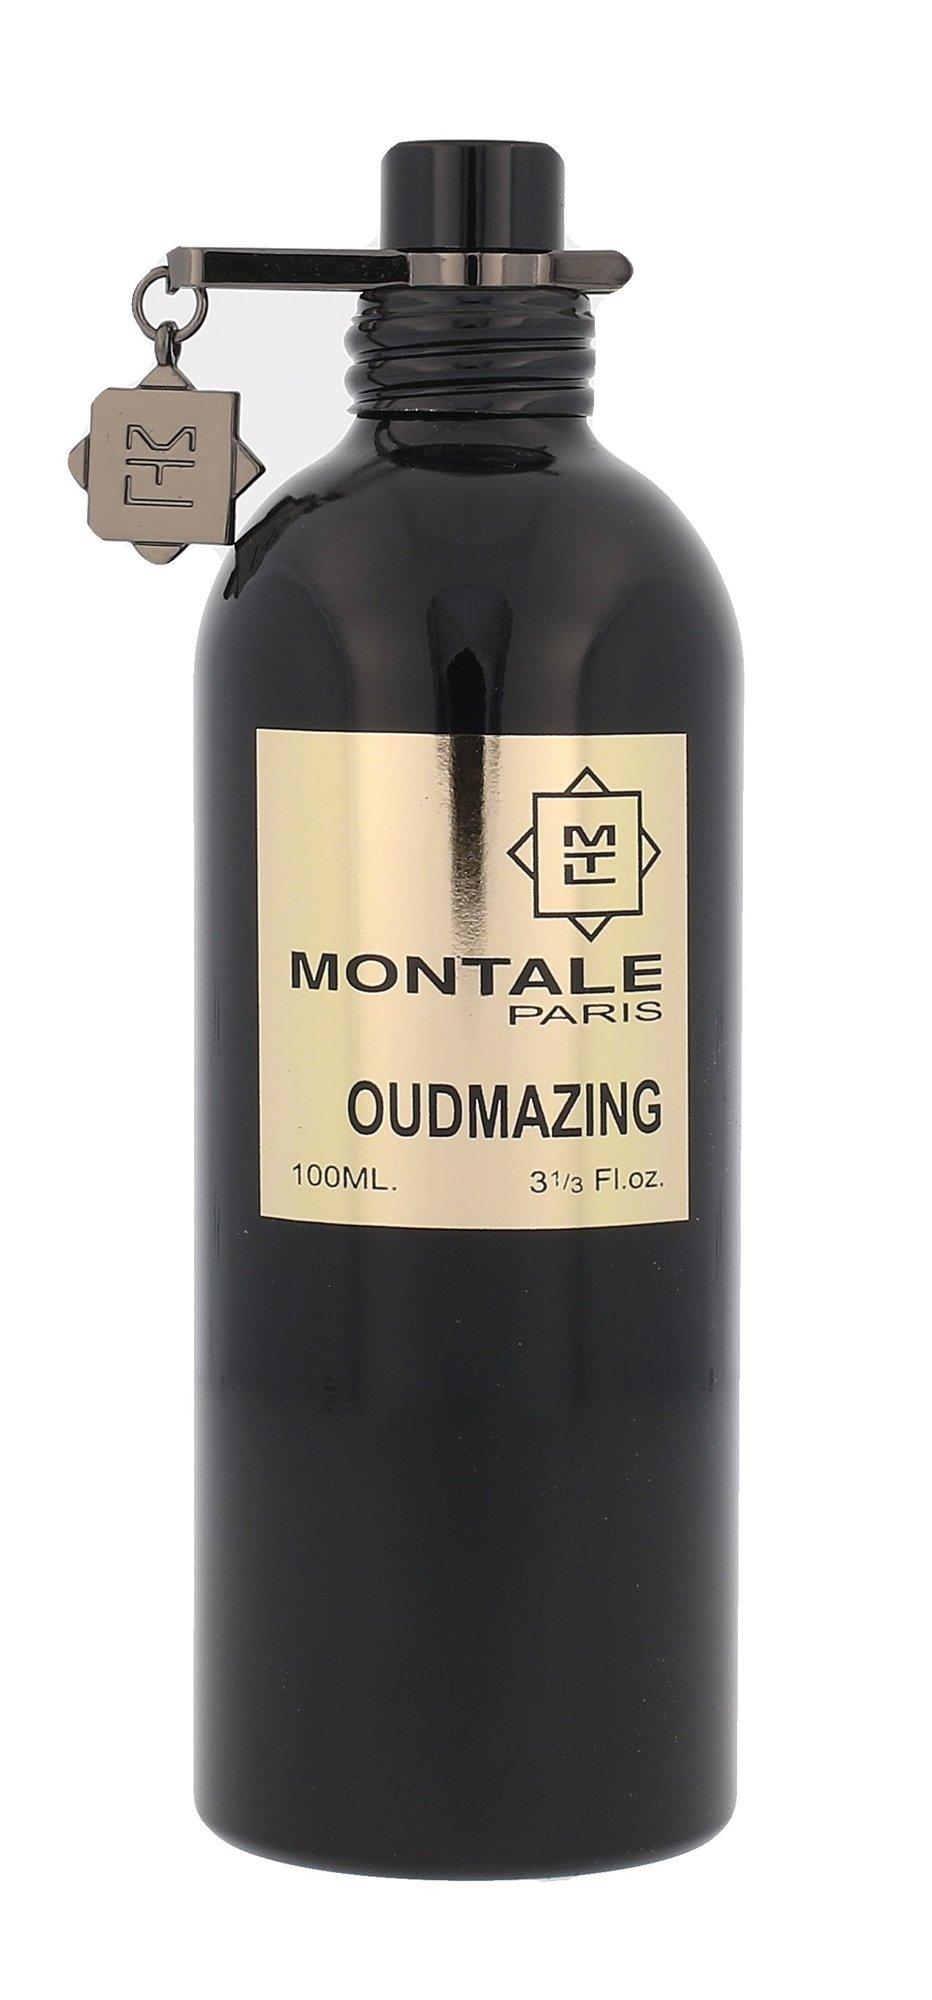 Montale Paris Oudmazing Eau de Parfum 100ml